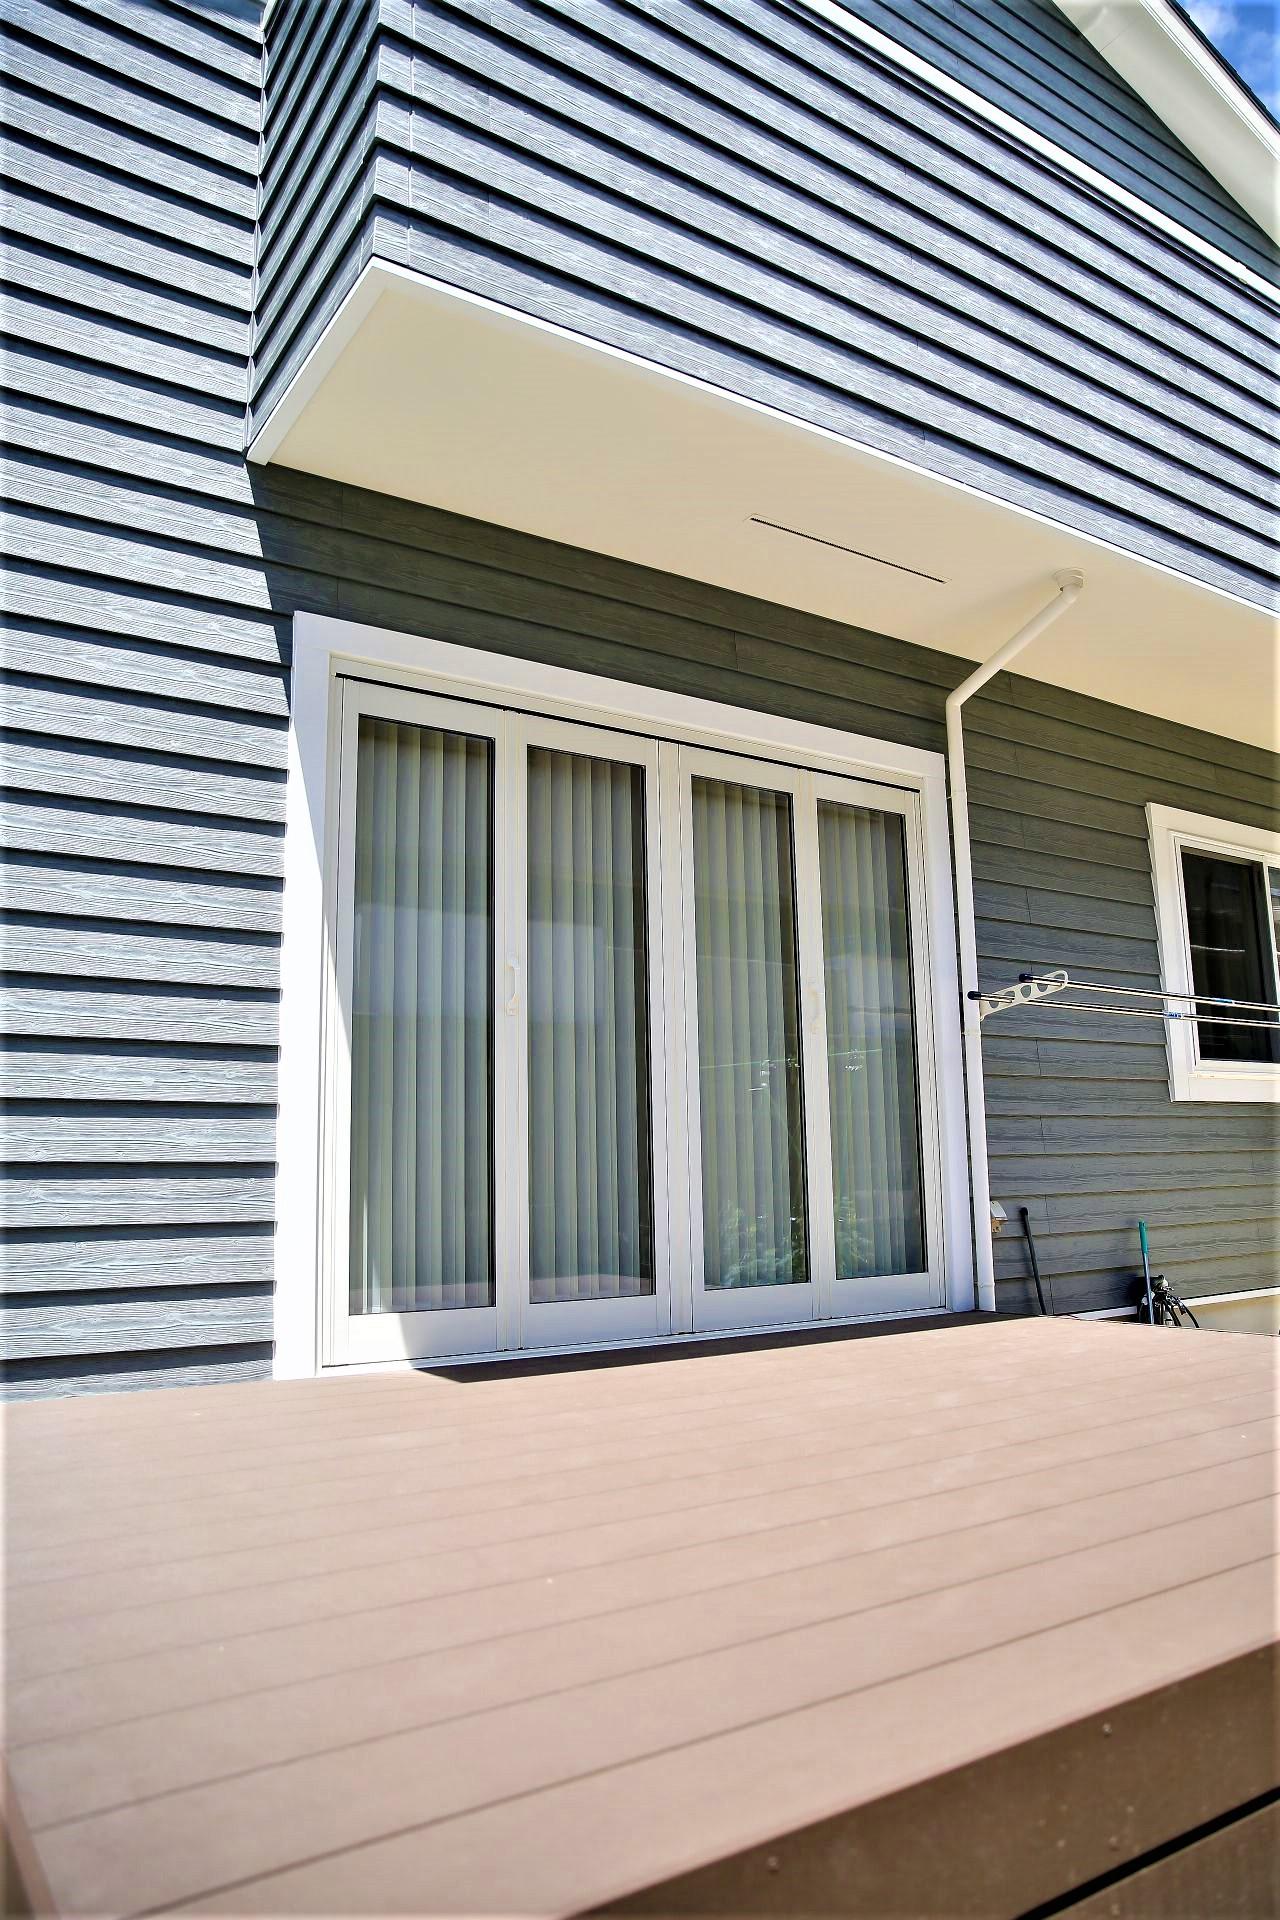 サンエフホーム【デザイン住宅、自然素材、インテリア】開放的なウッドデッキはアウトドアリビングとしてフル活用